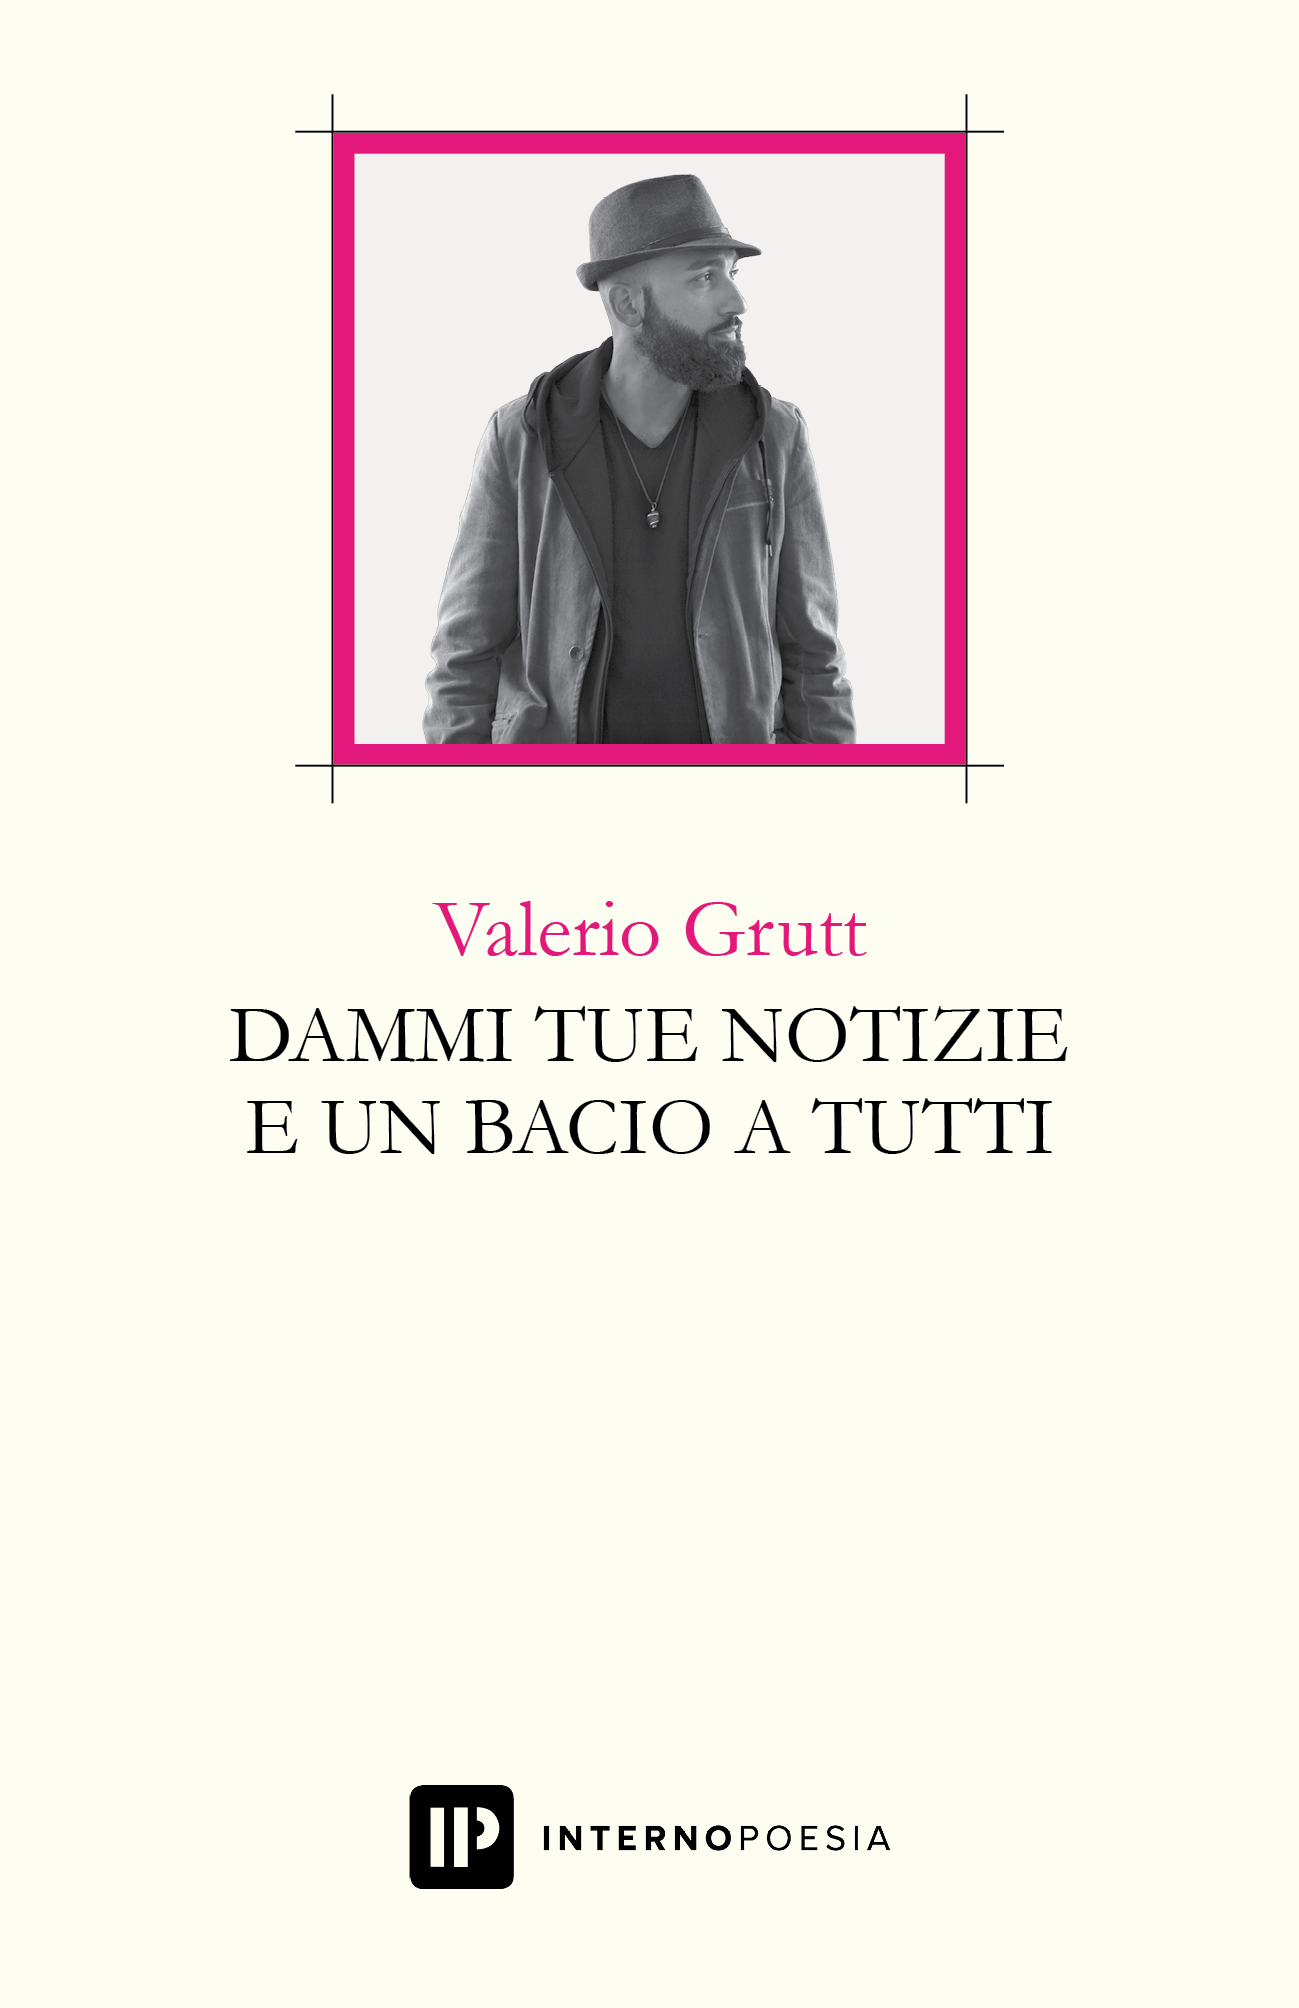 Dammi tue notizie e un bacio a tutti – Valerio Grutt